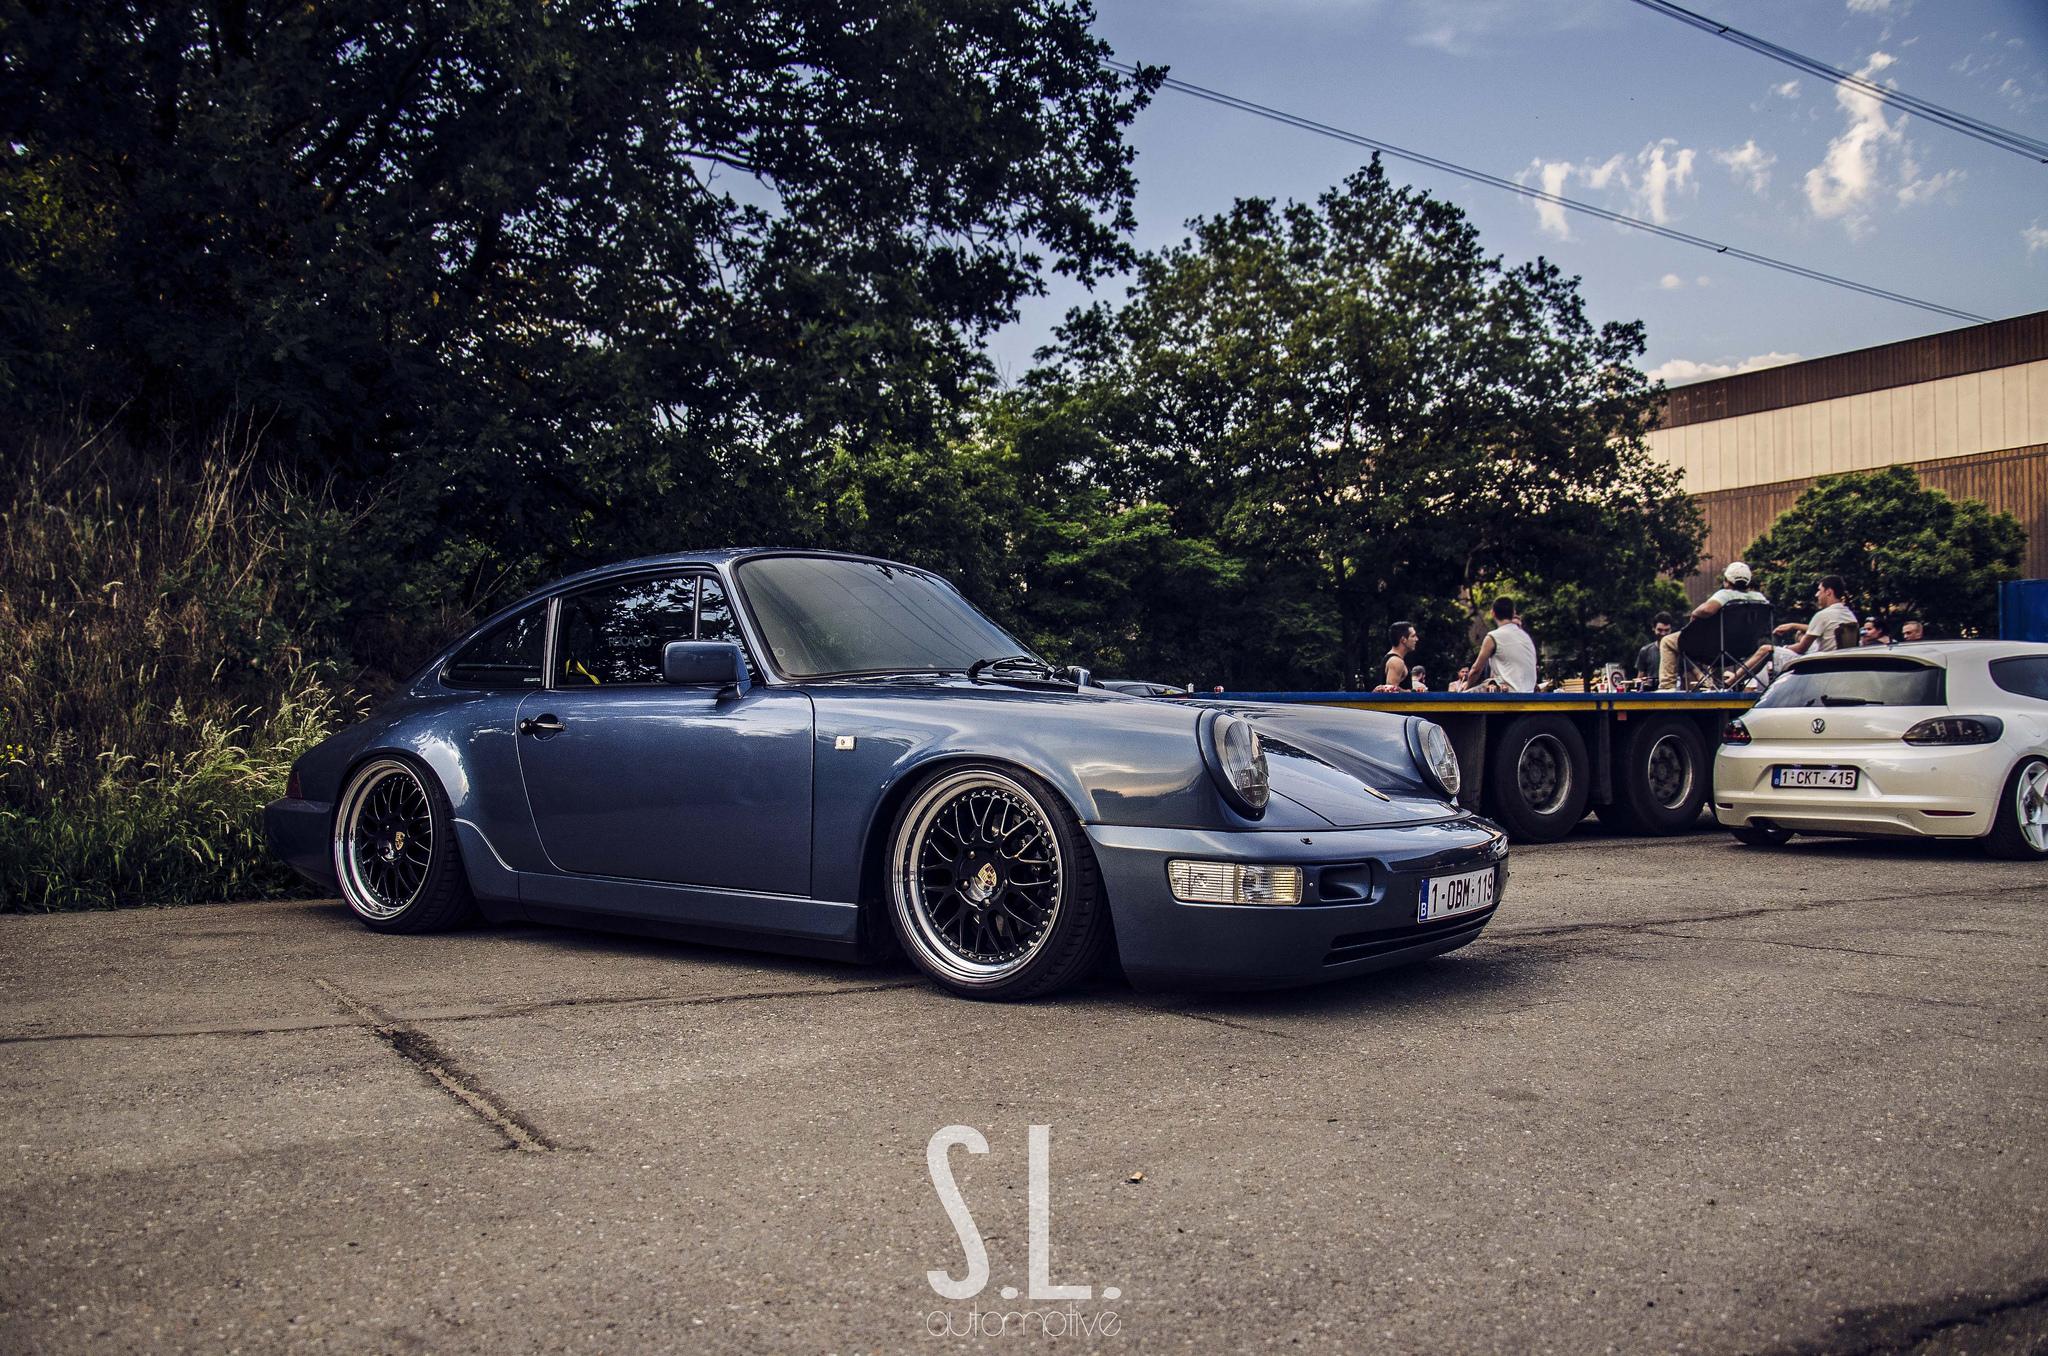 Sexy Porsche Stancenation Form Gt Function